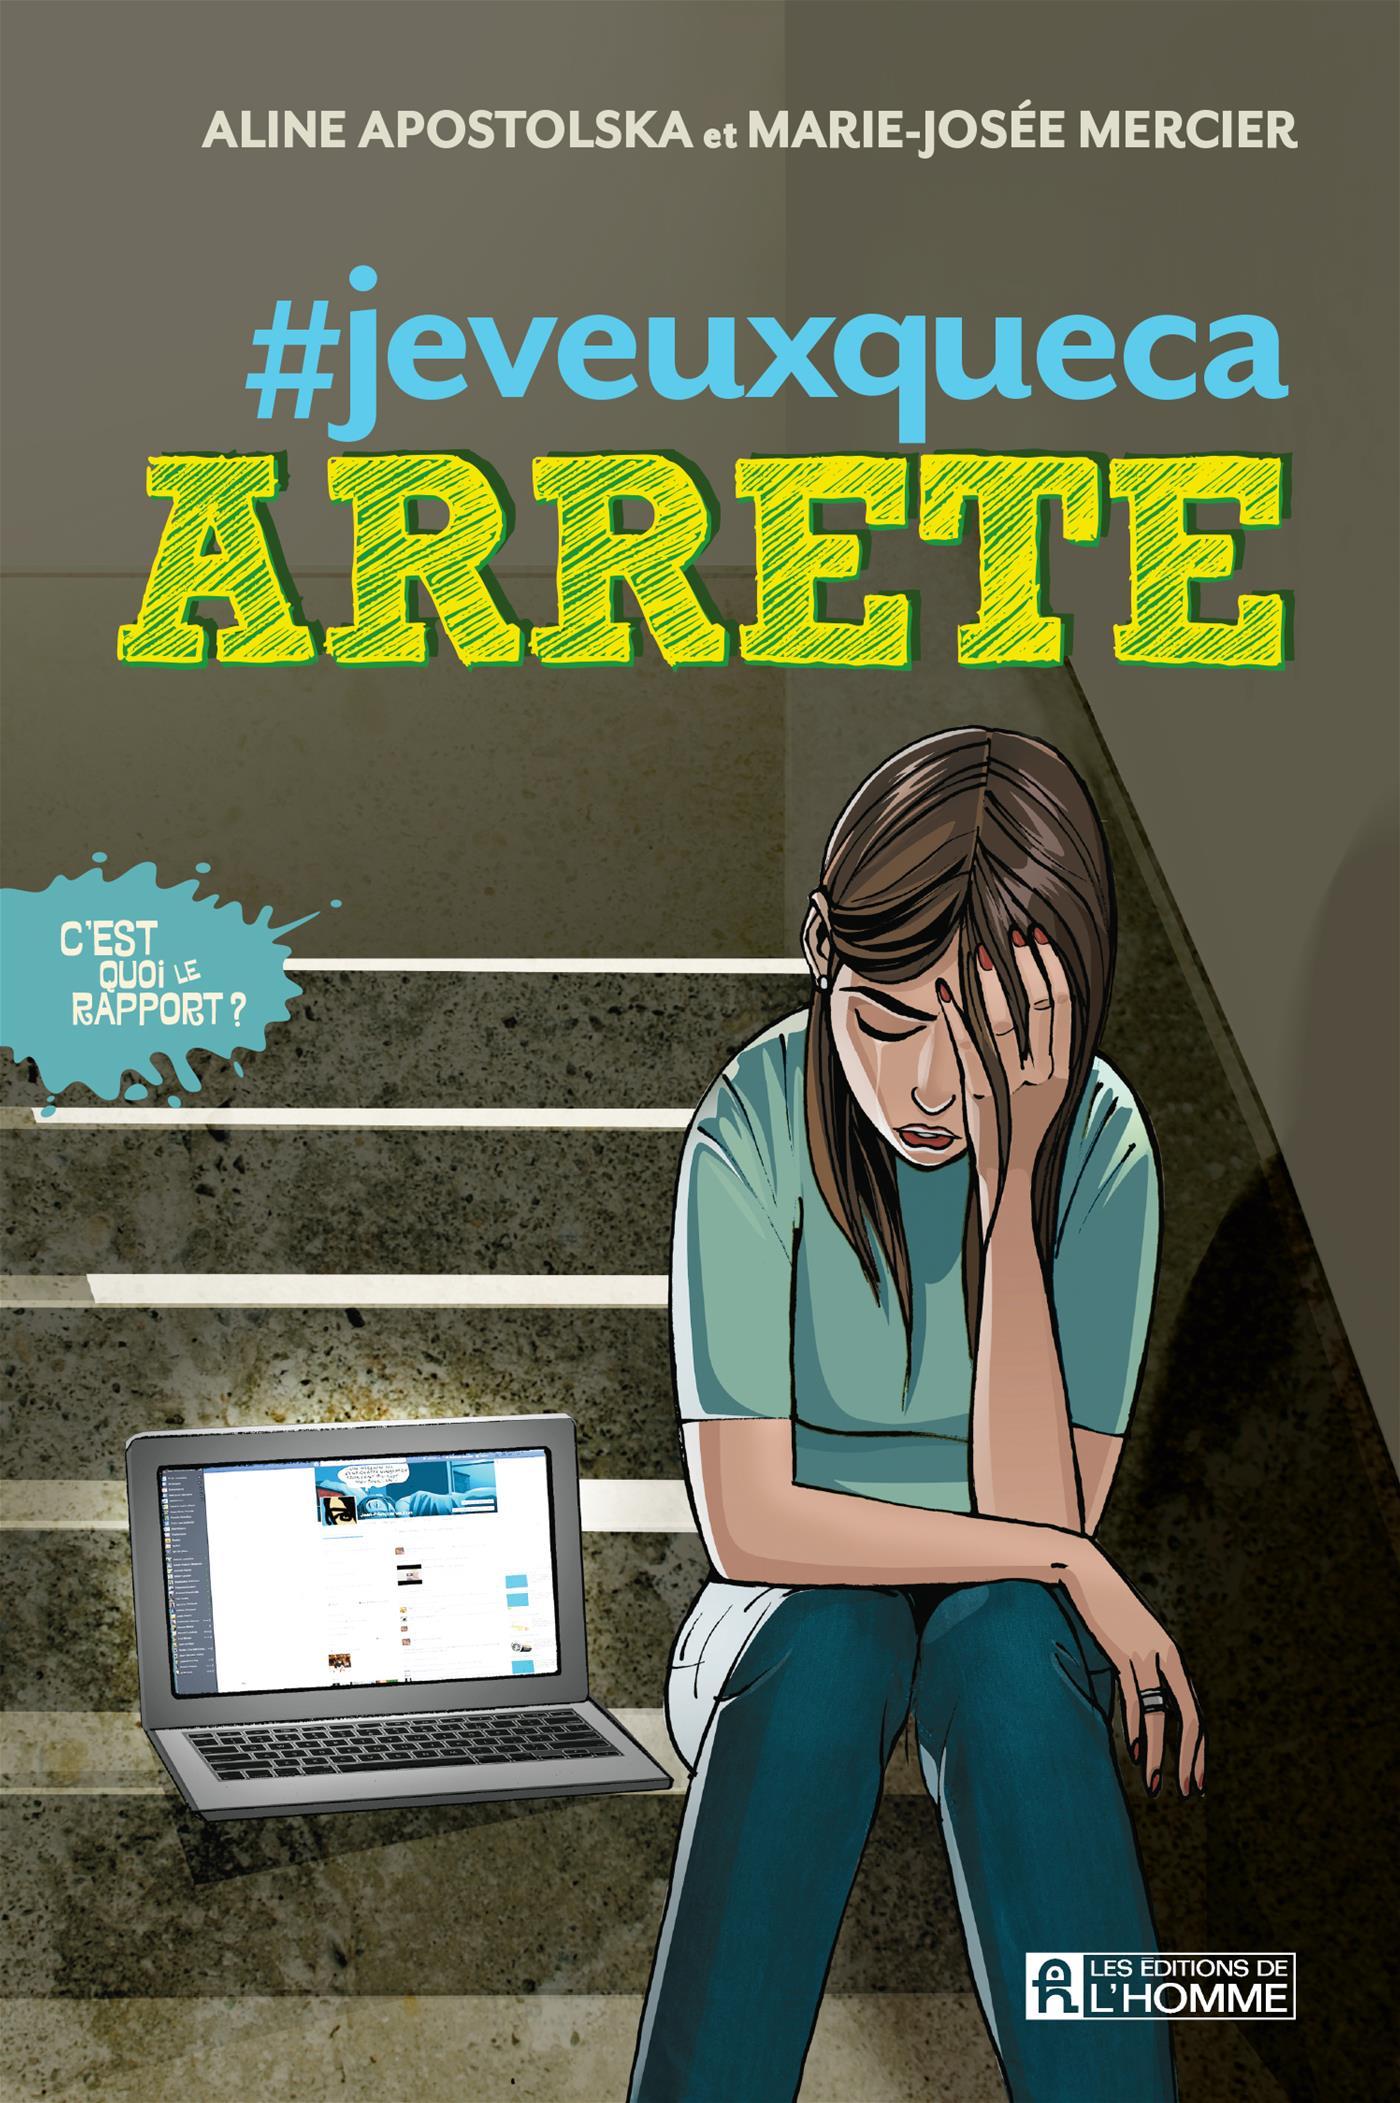 #jeveuxquecaARRETE